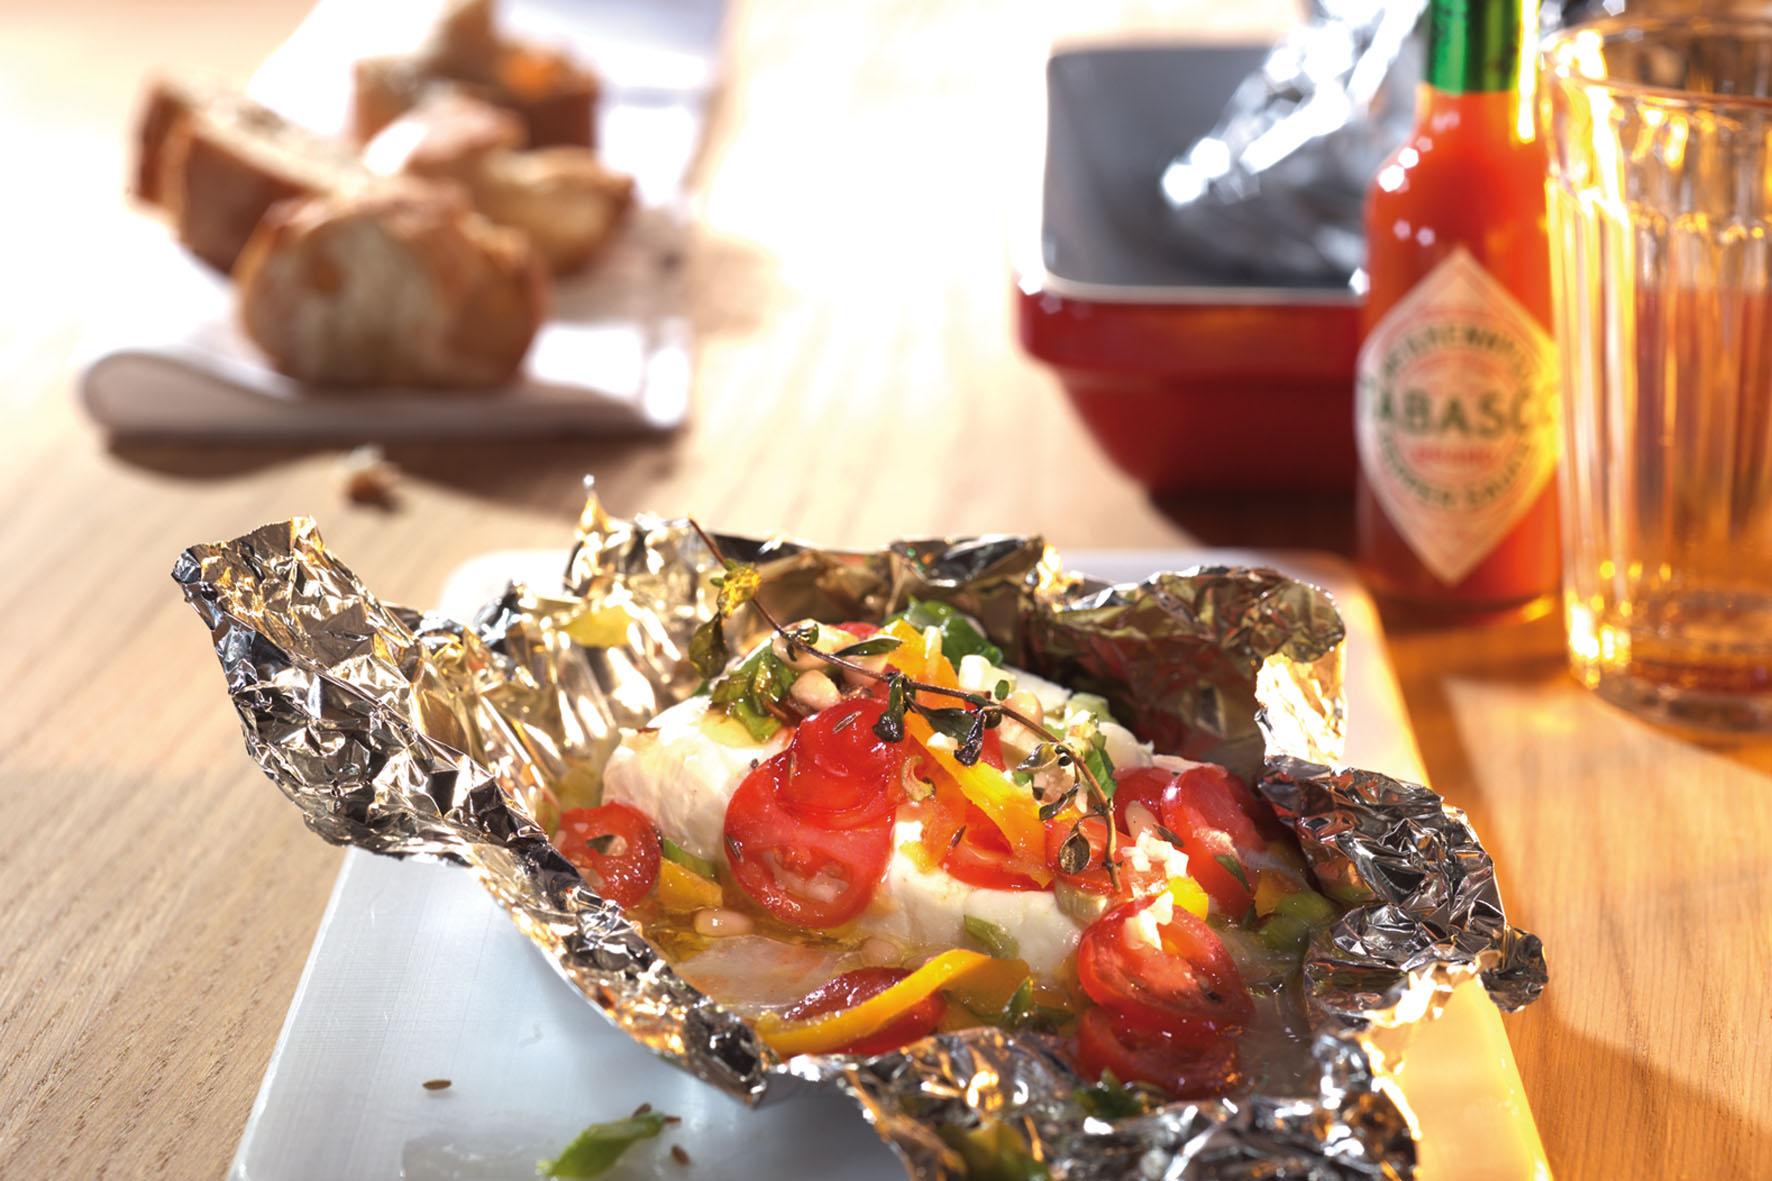 Scharfer Ofen feta: Vegetarische Speisen schmecken peppig gewürzt am besten.